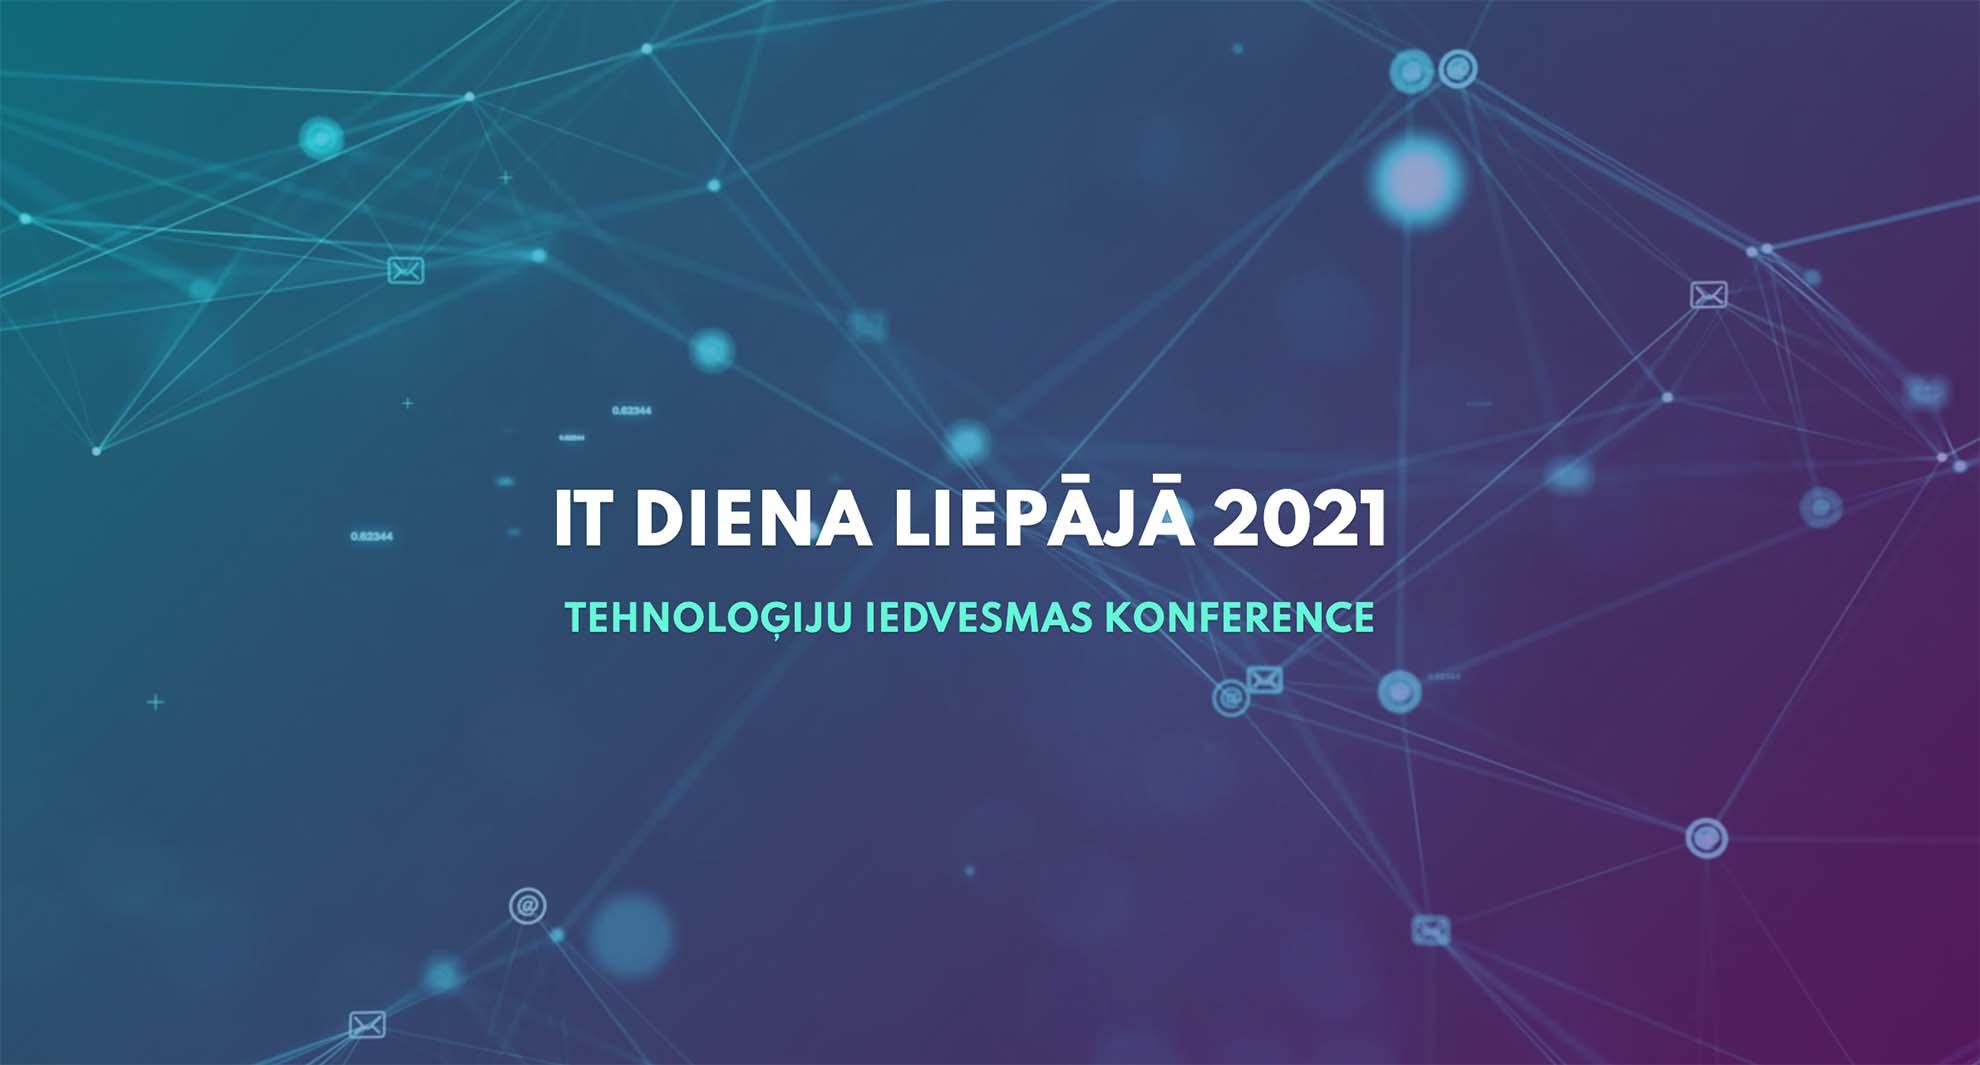 IT diena Liepājā 2021